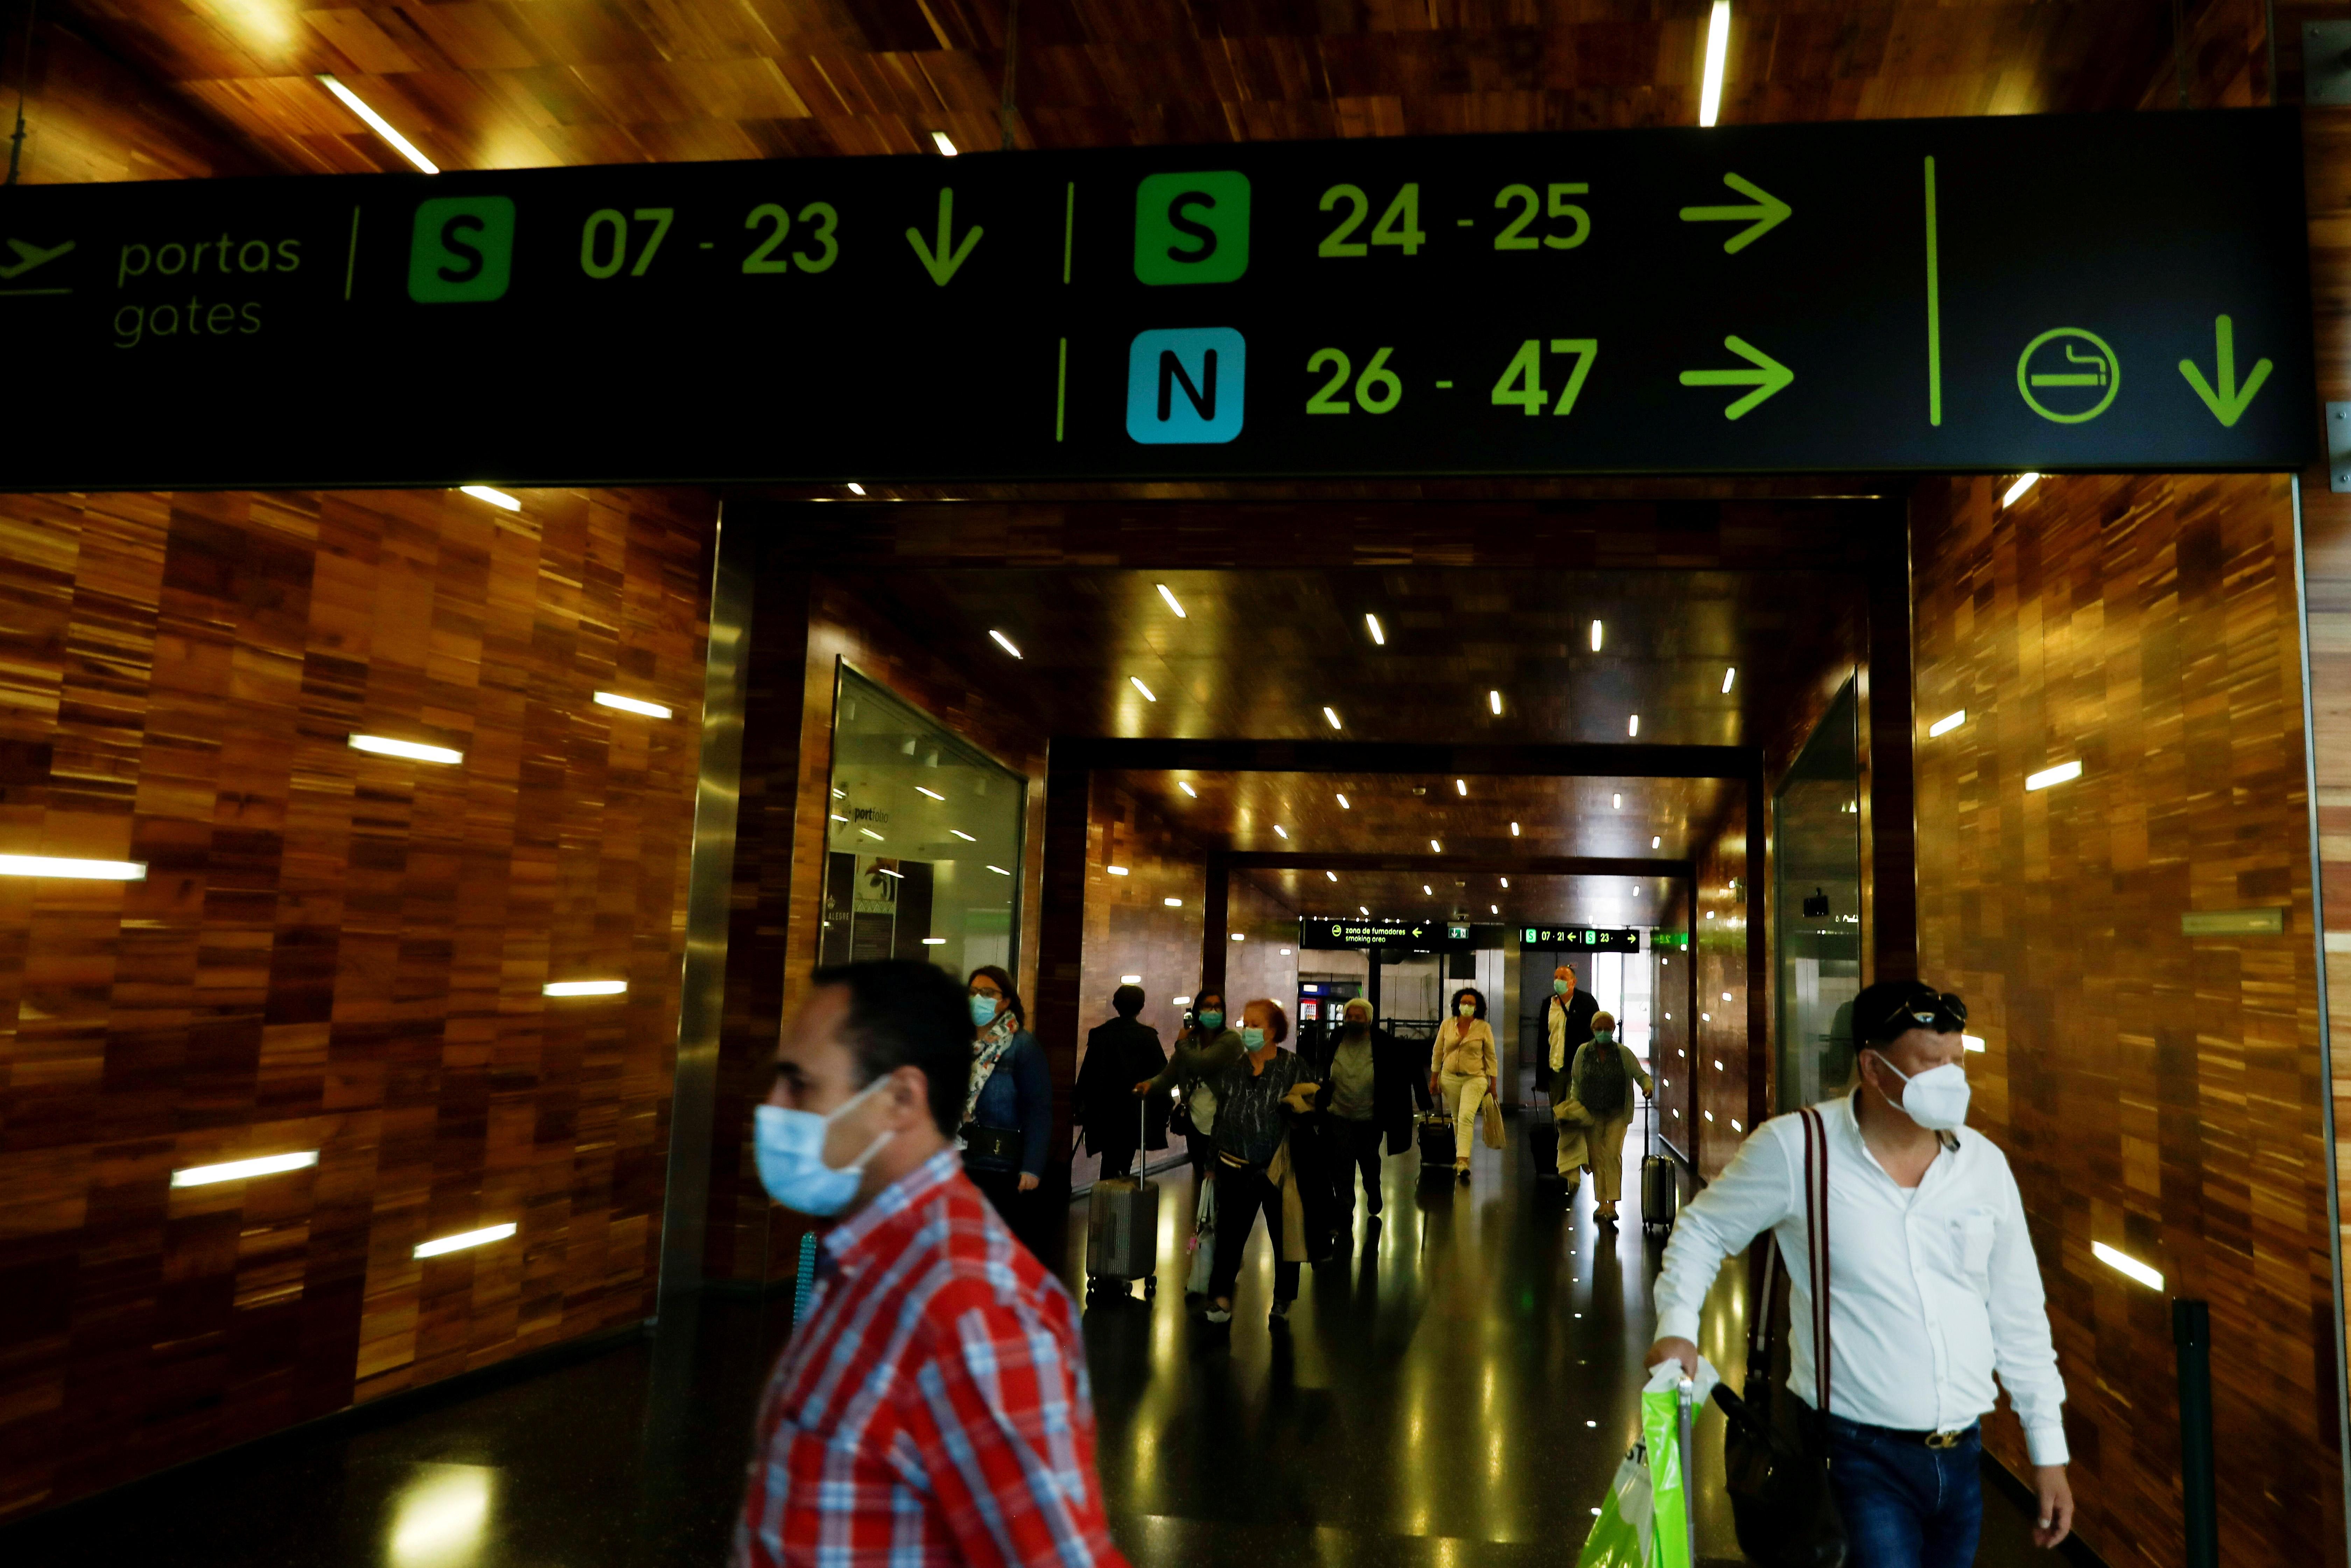 Portugal exigirá quarentena de passageiros em voos indiretos do Brasil e do Reino Unido